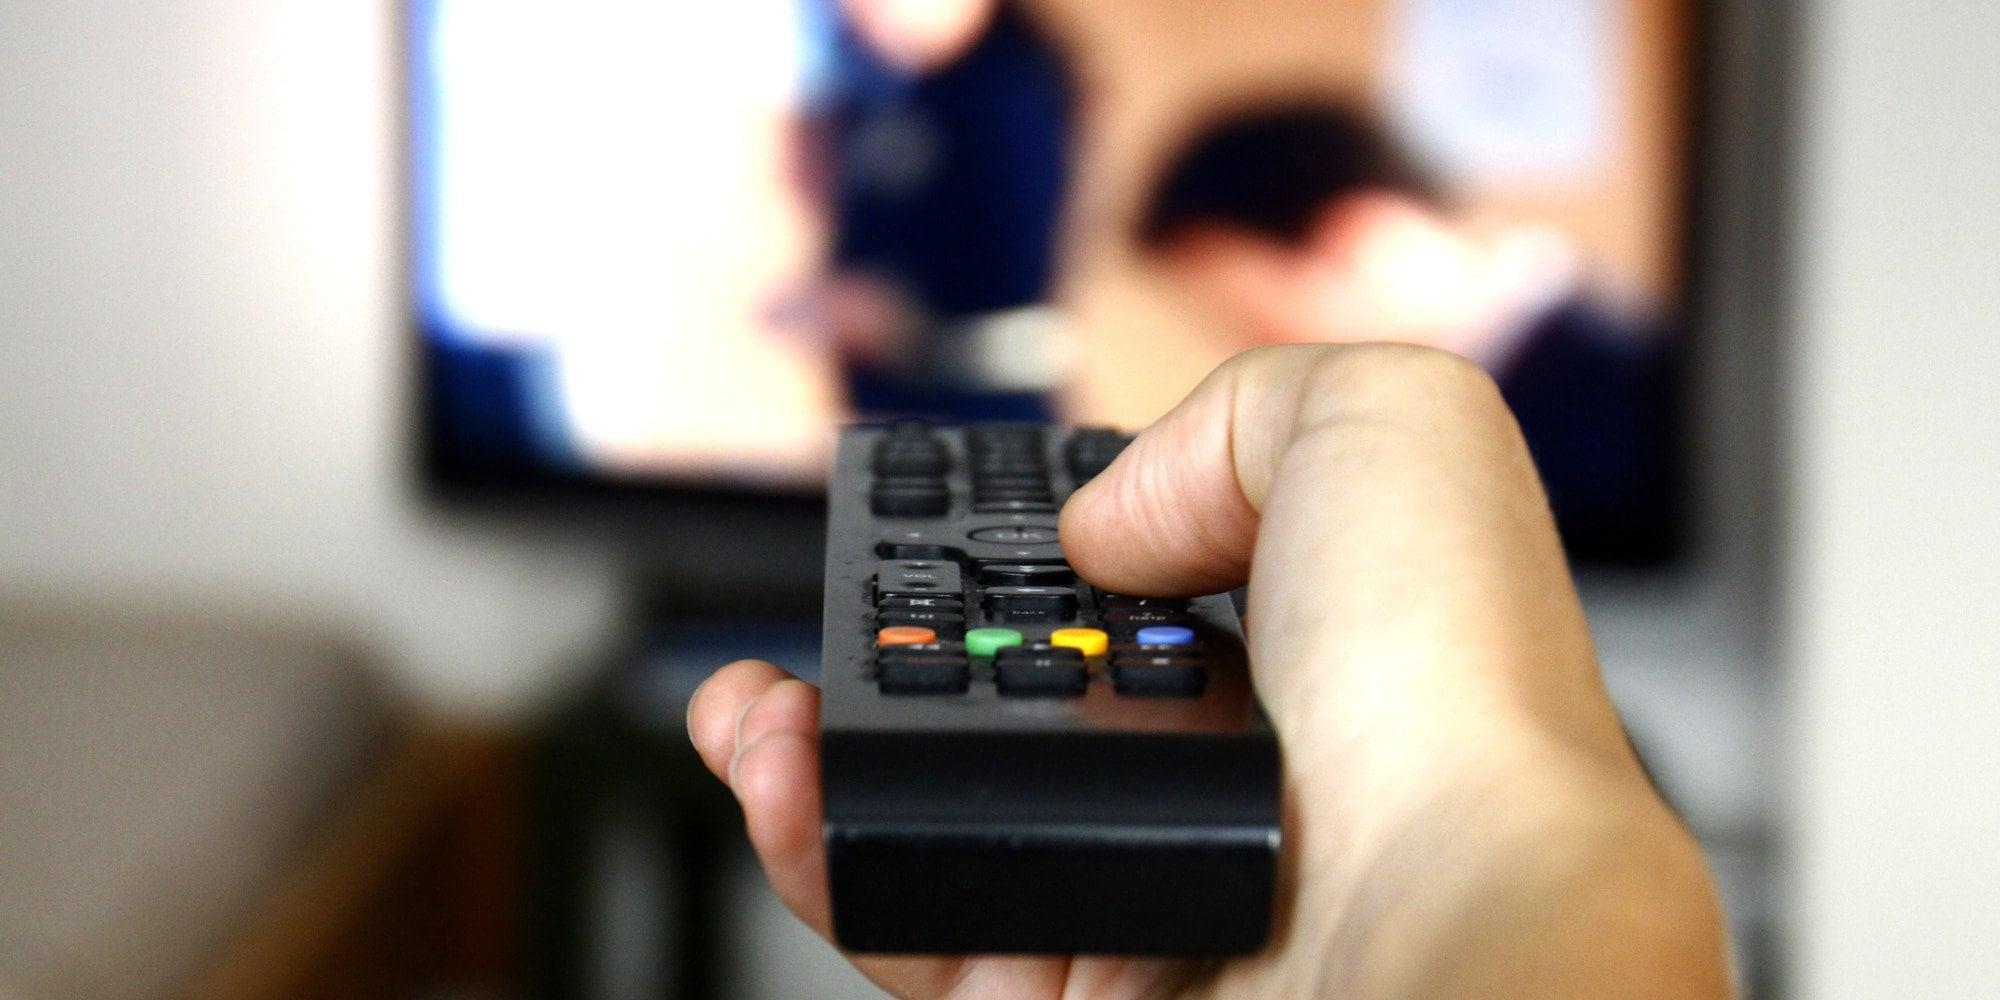 Телевизор убивает зрителей